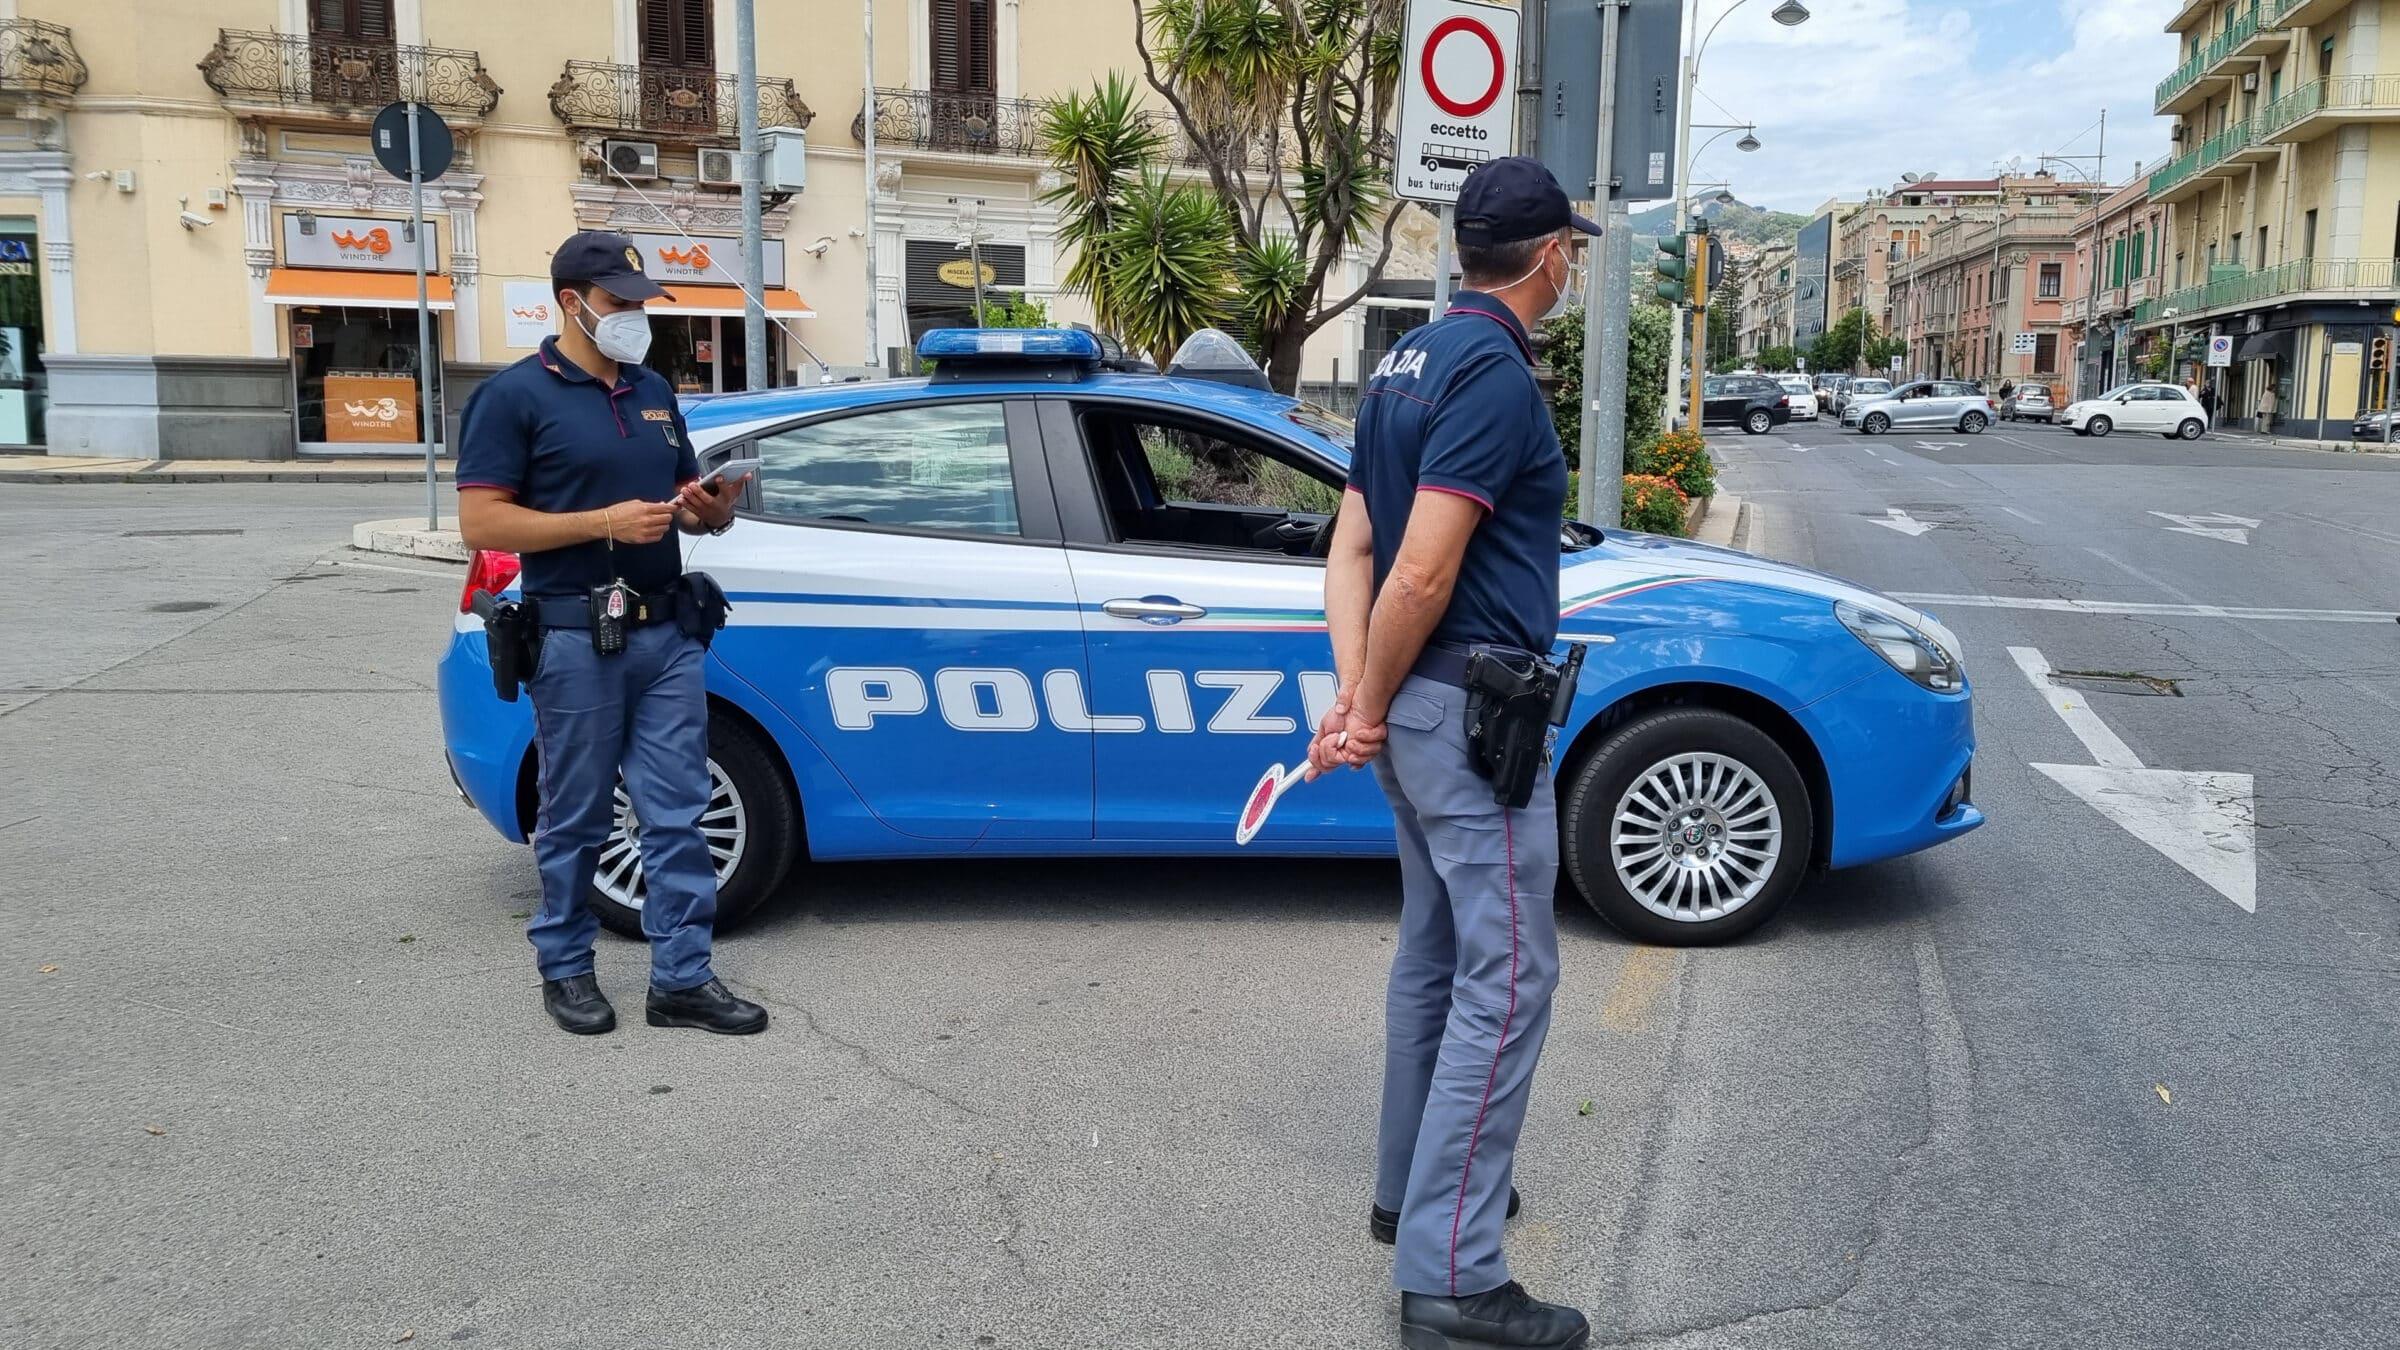 Arrestato 30enne per detenzione di arma clandestina: tenta la fuga dal posto di blocco